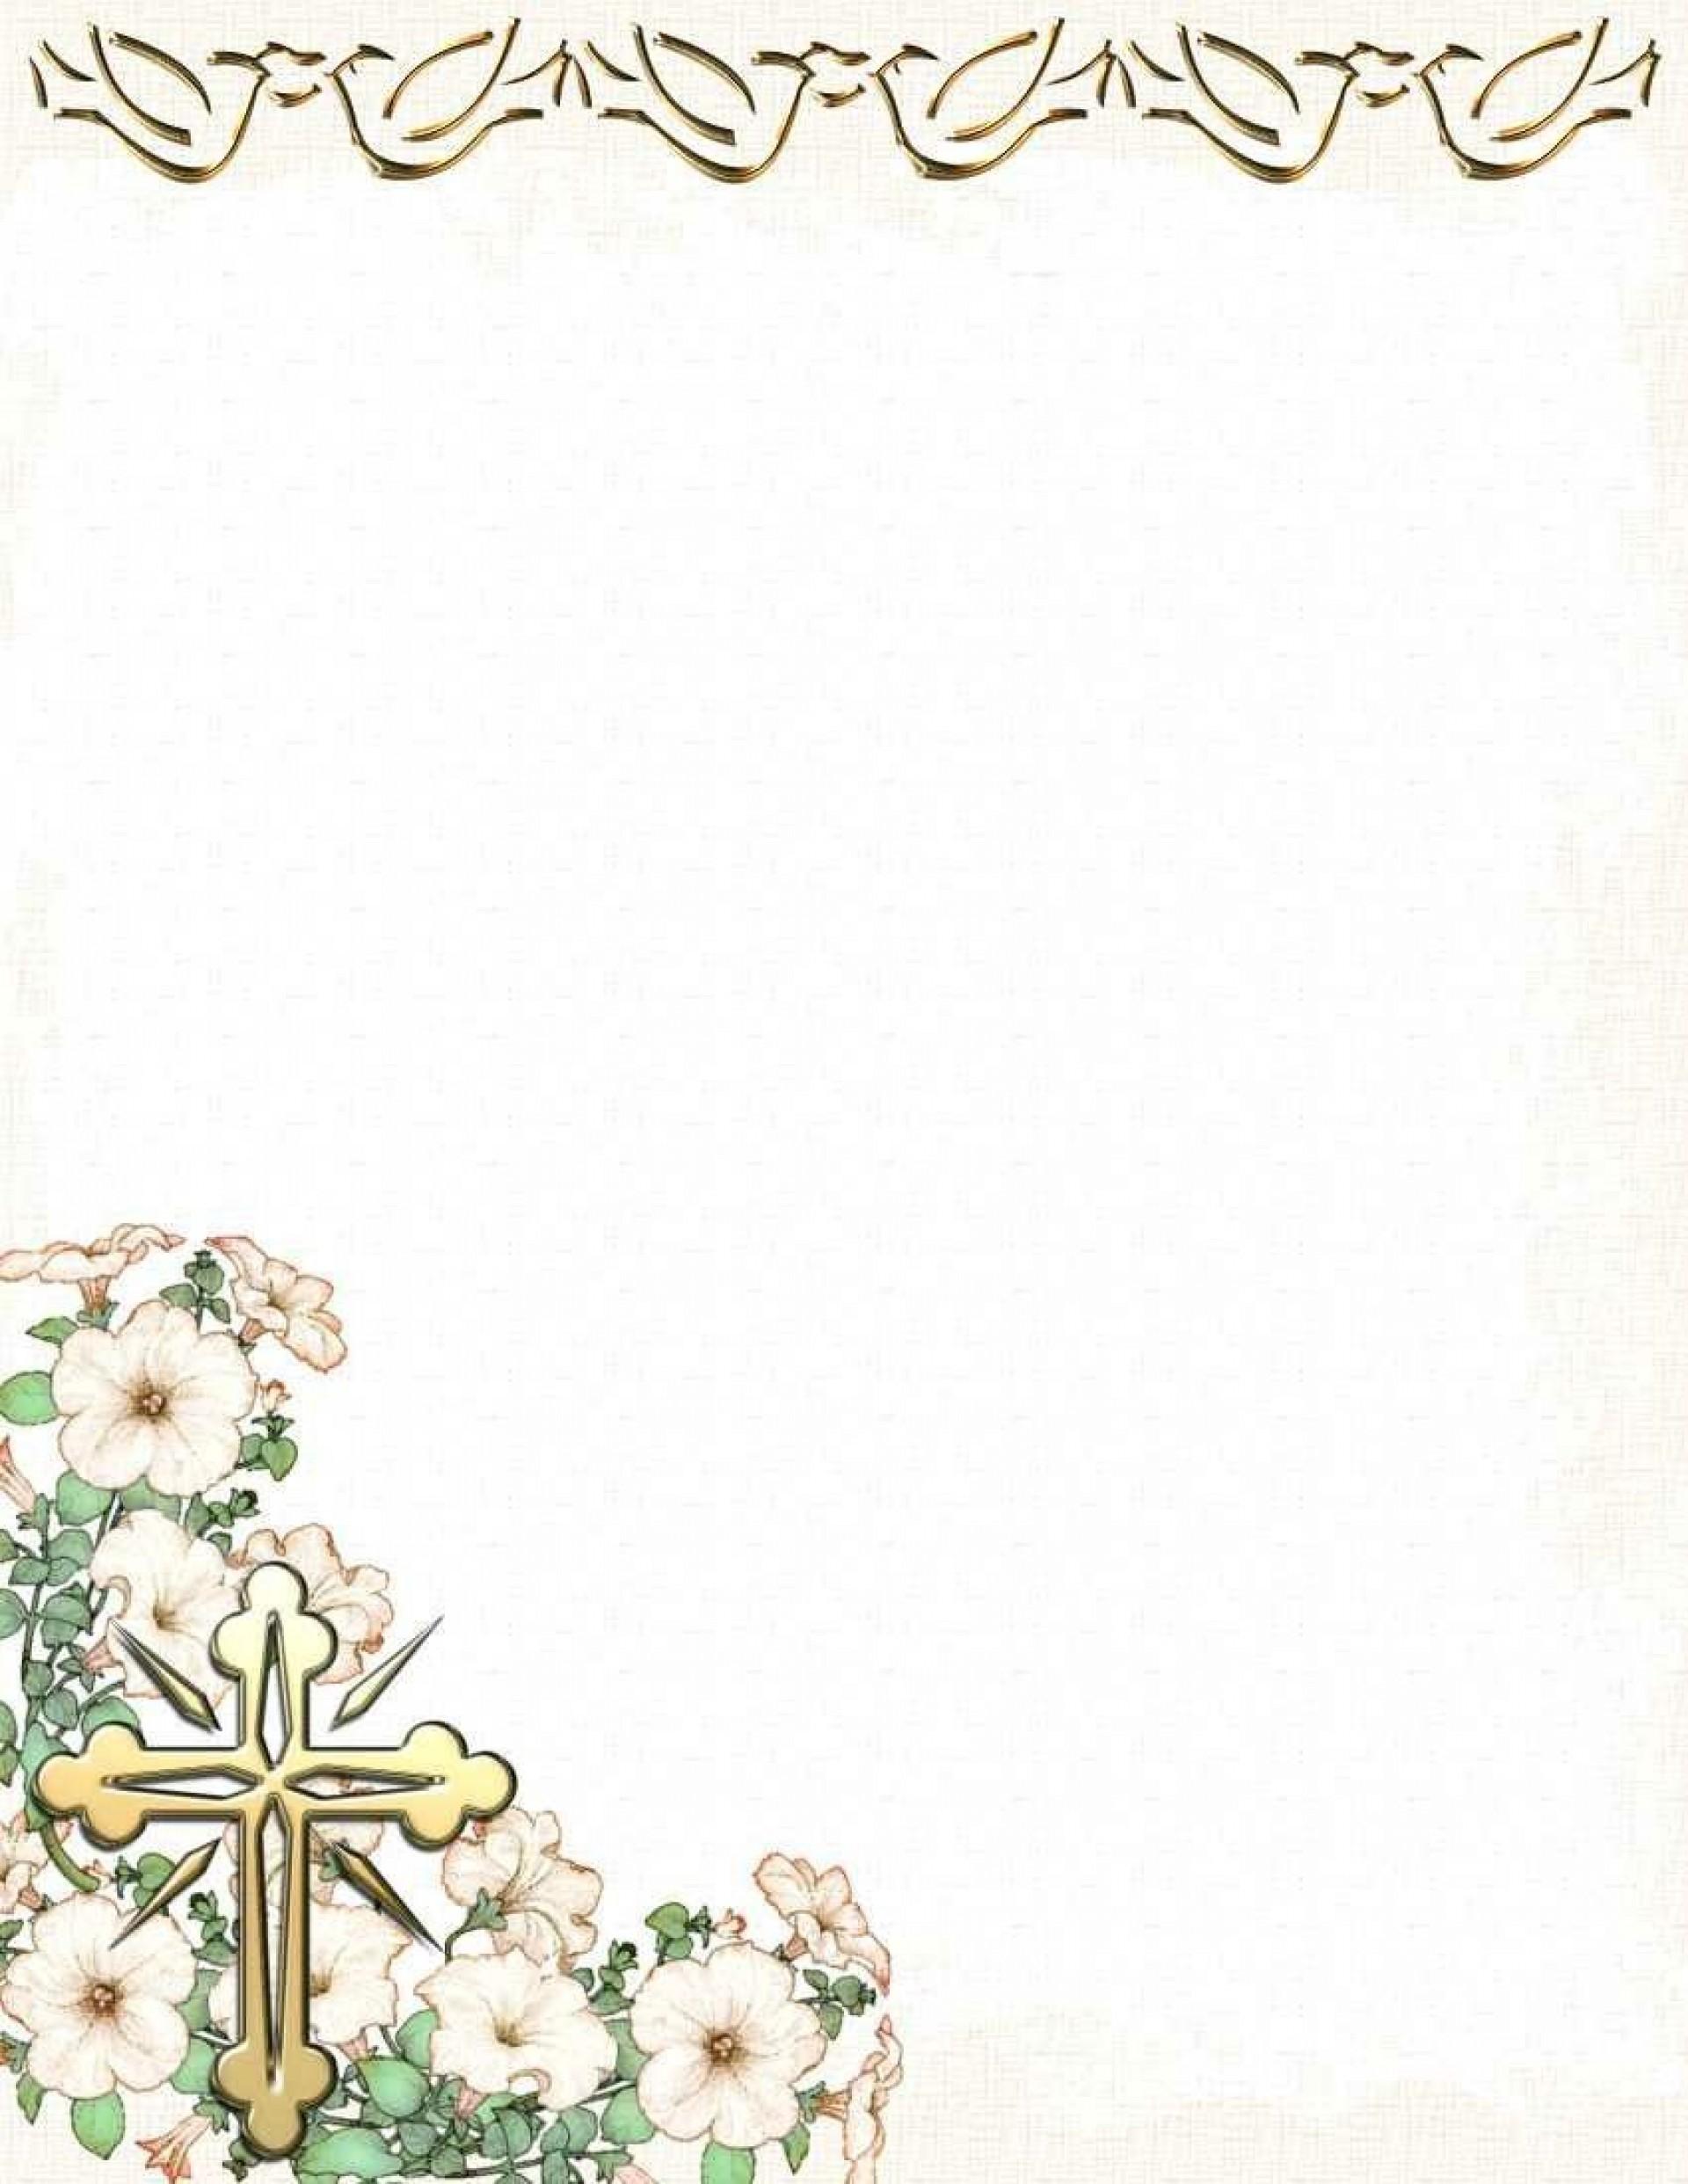 002 Phenomenal Free Religiou Invitation Template Printable Idea 1920